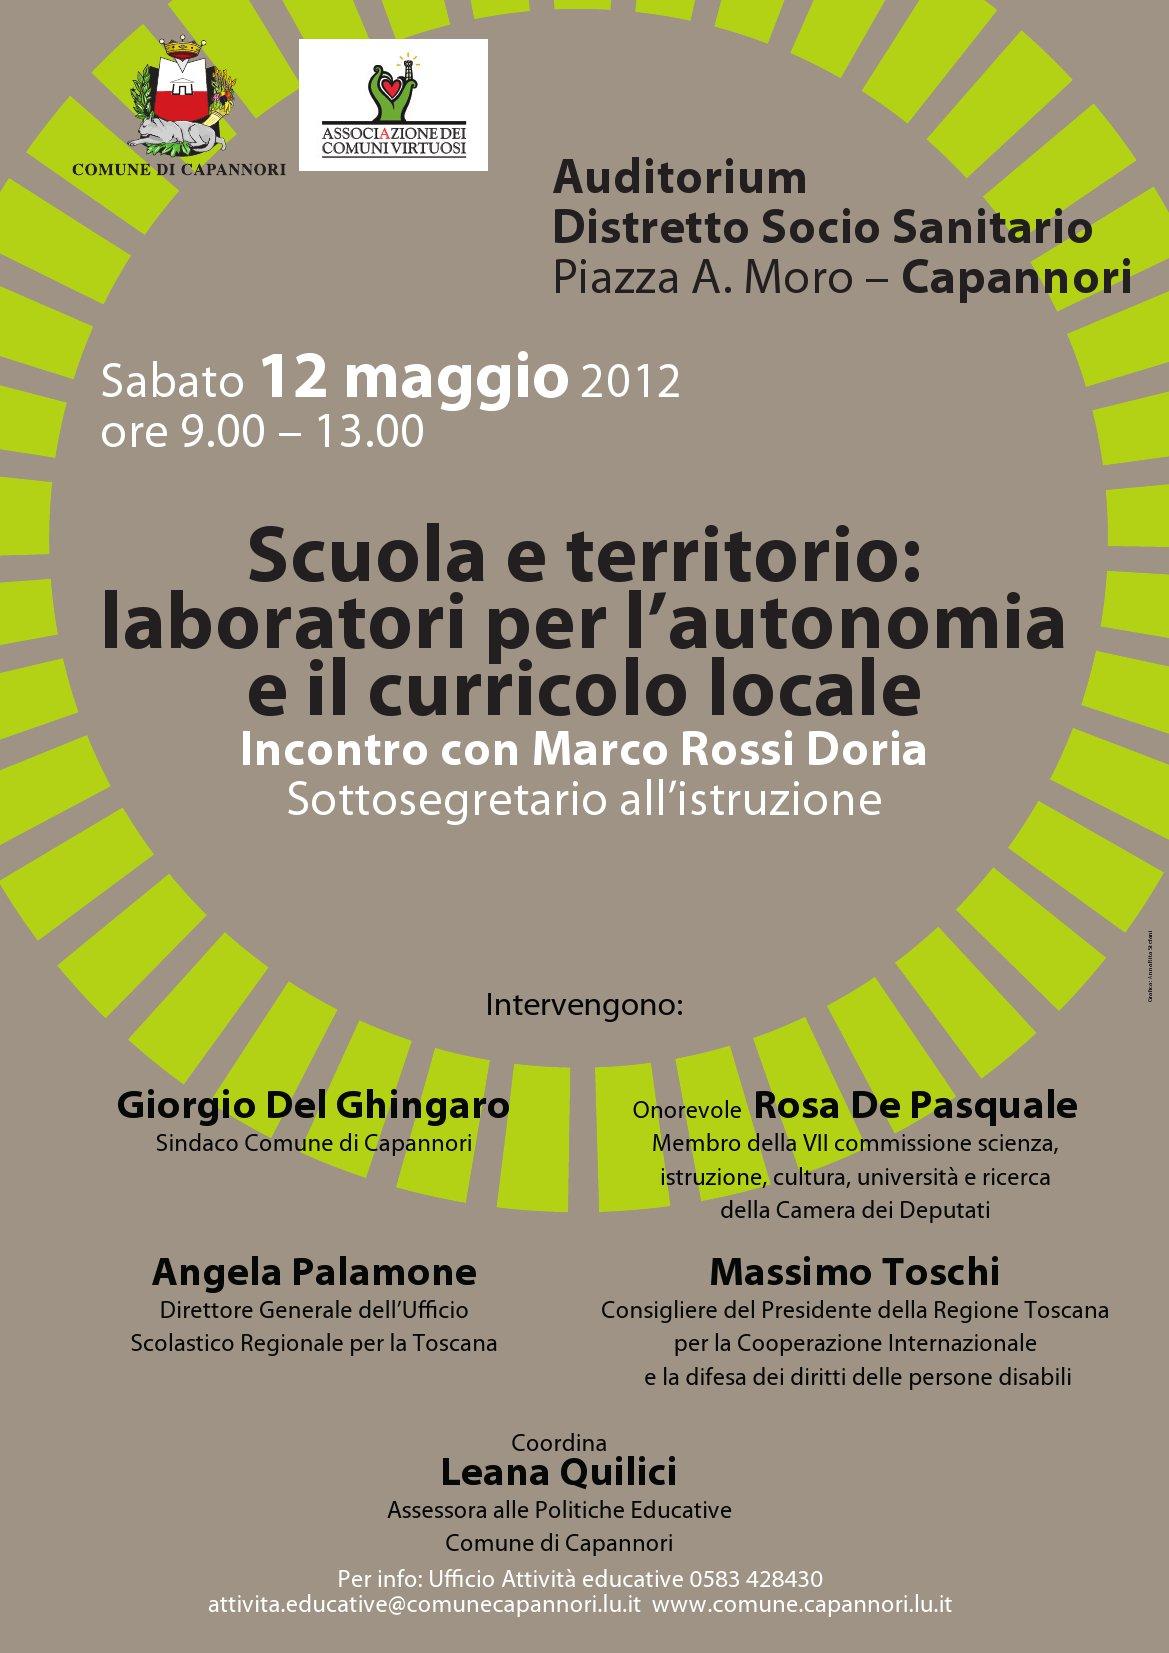 Scuola e territorio: il 12 Maggio Capannori, Regione e Ministero a confronto